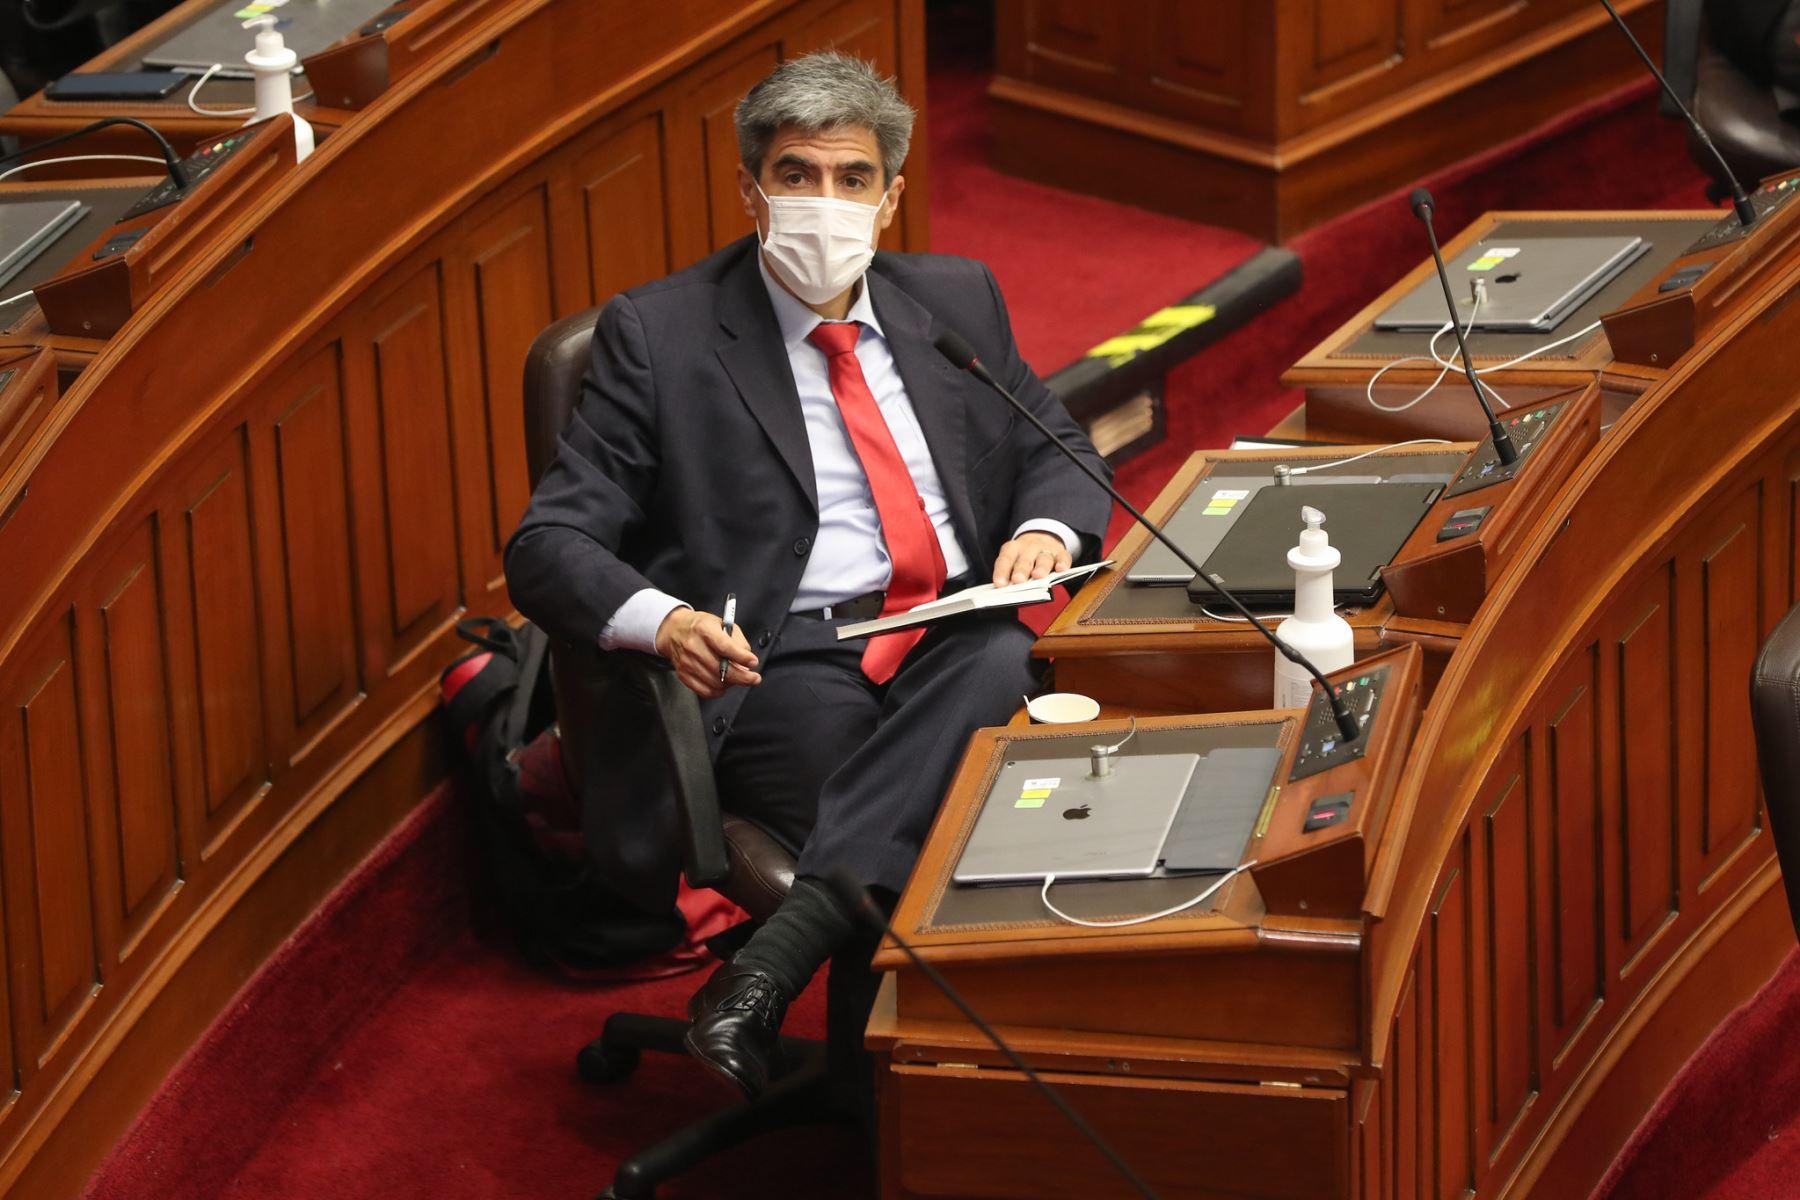 Alejandro Neyra ministro de Cultura ante el pleno del Congreso para sustentar el presupuesto del sector público 2021.   Foto: ANDINA / PCM